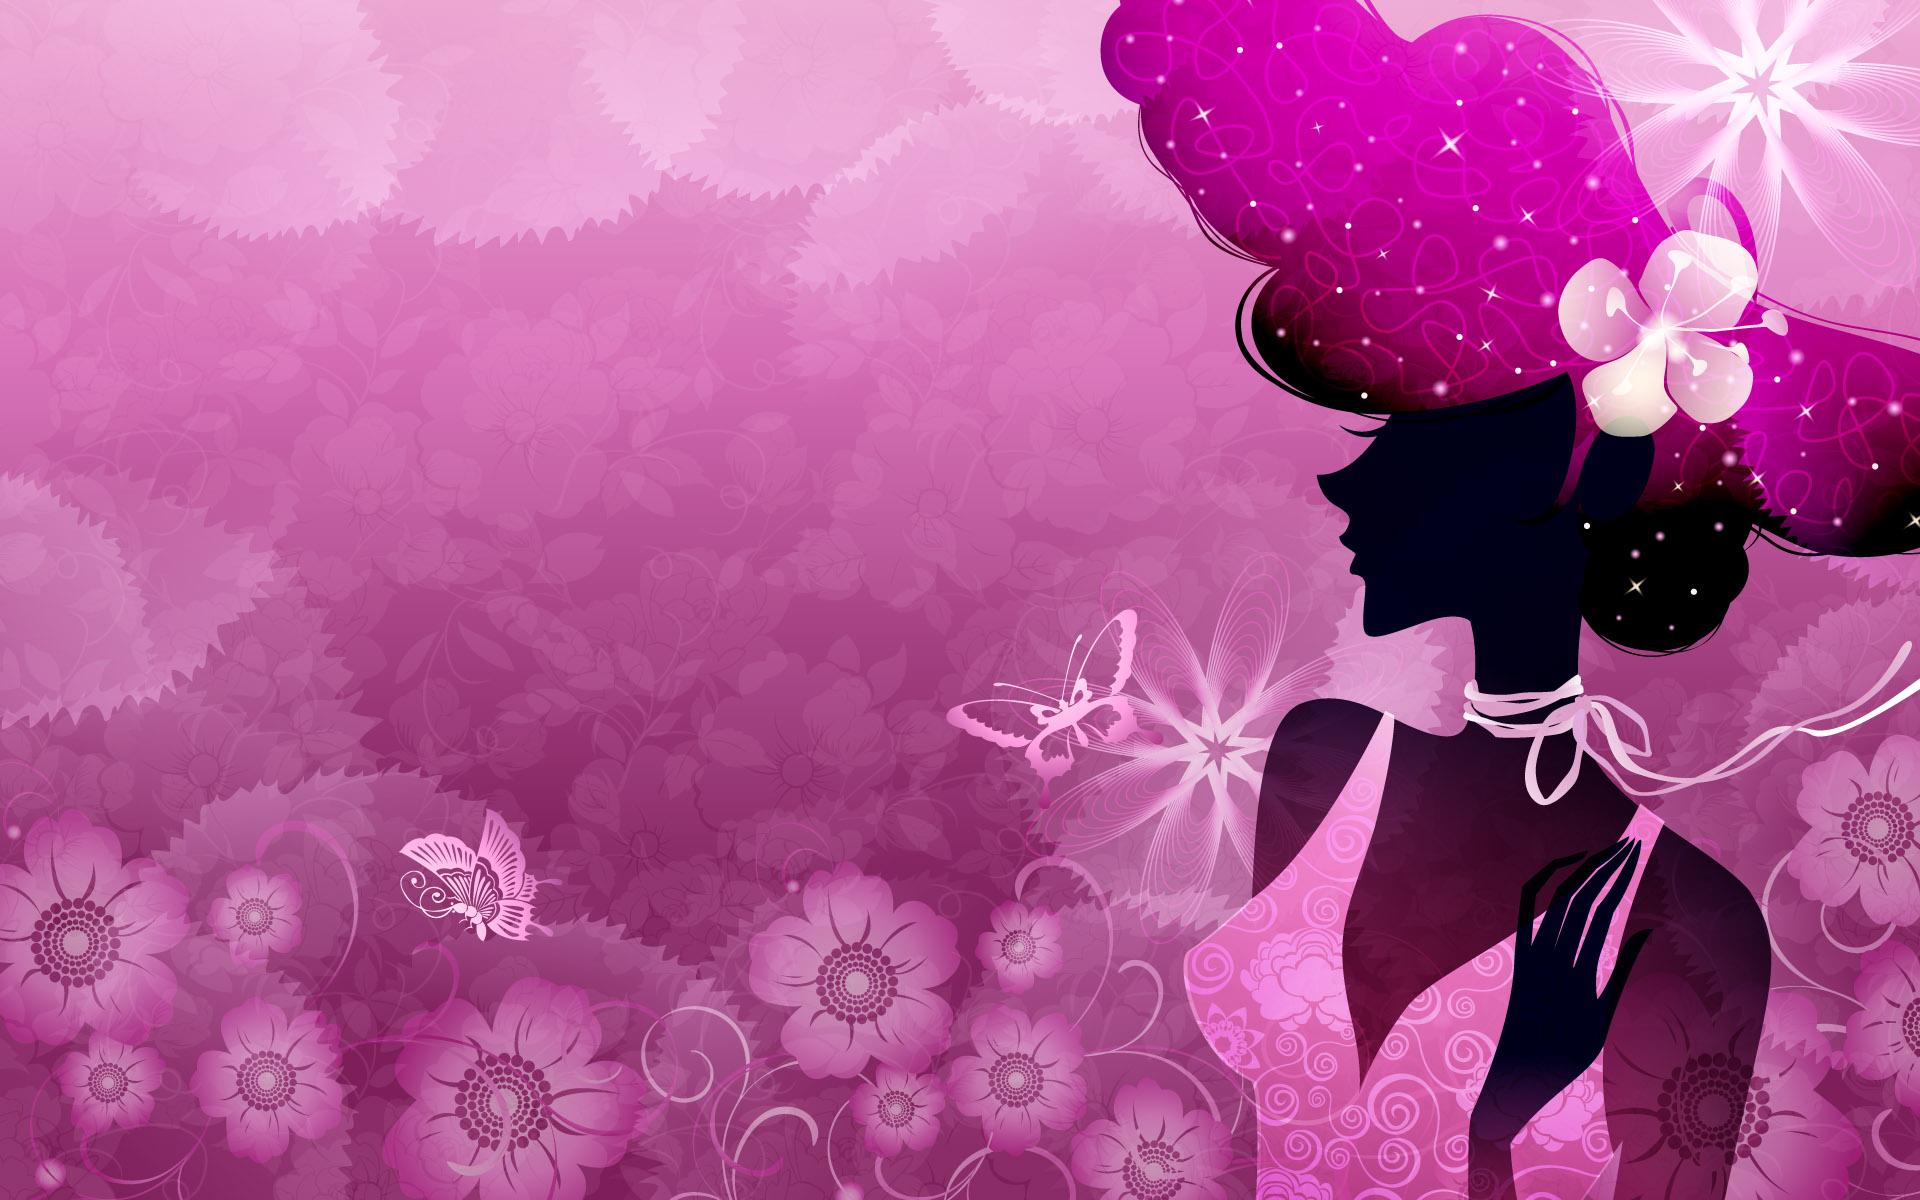 时尚美女剪纸轮廓高清背景图片素材2